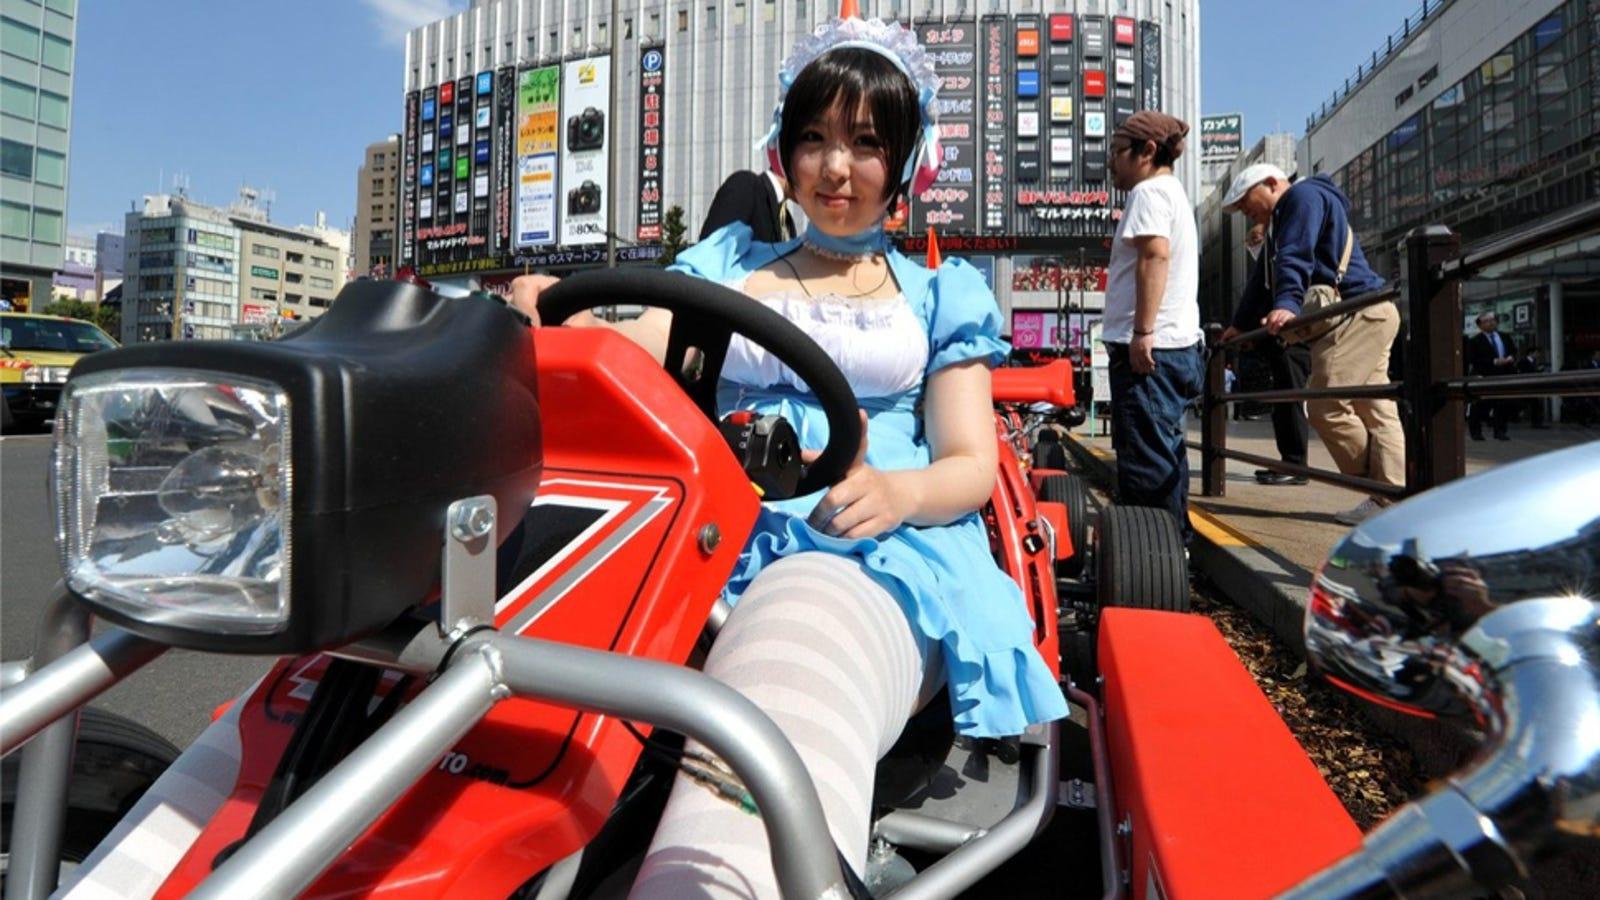 Rent Go Karts In Tokyo S Geekiest Neighborhood